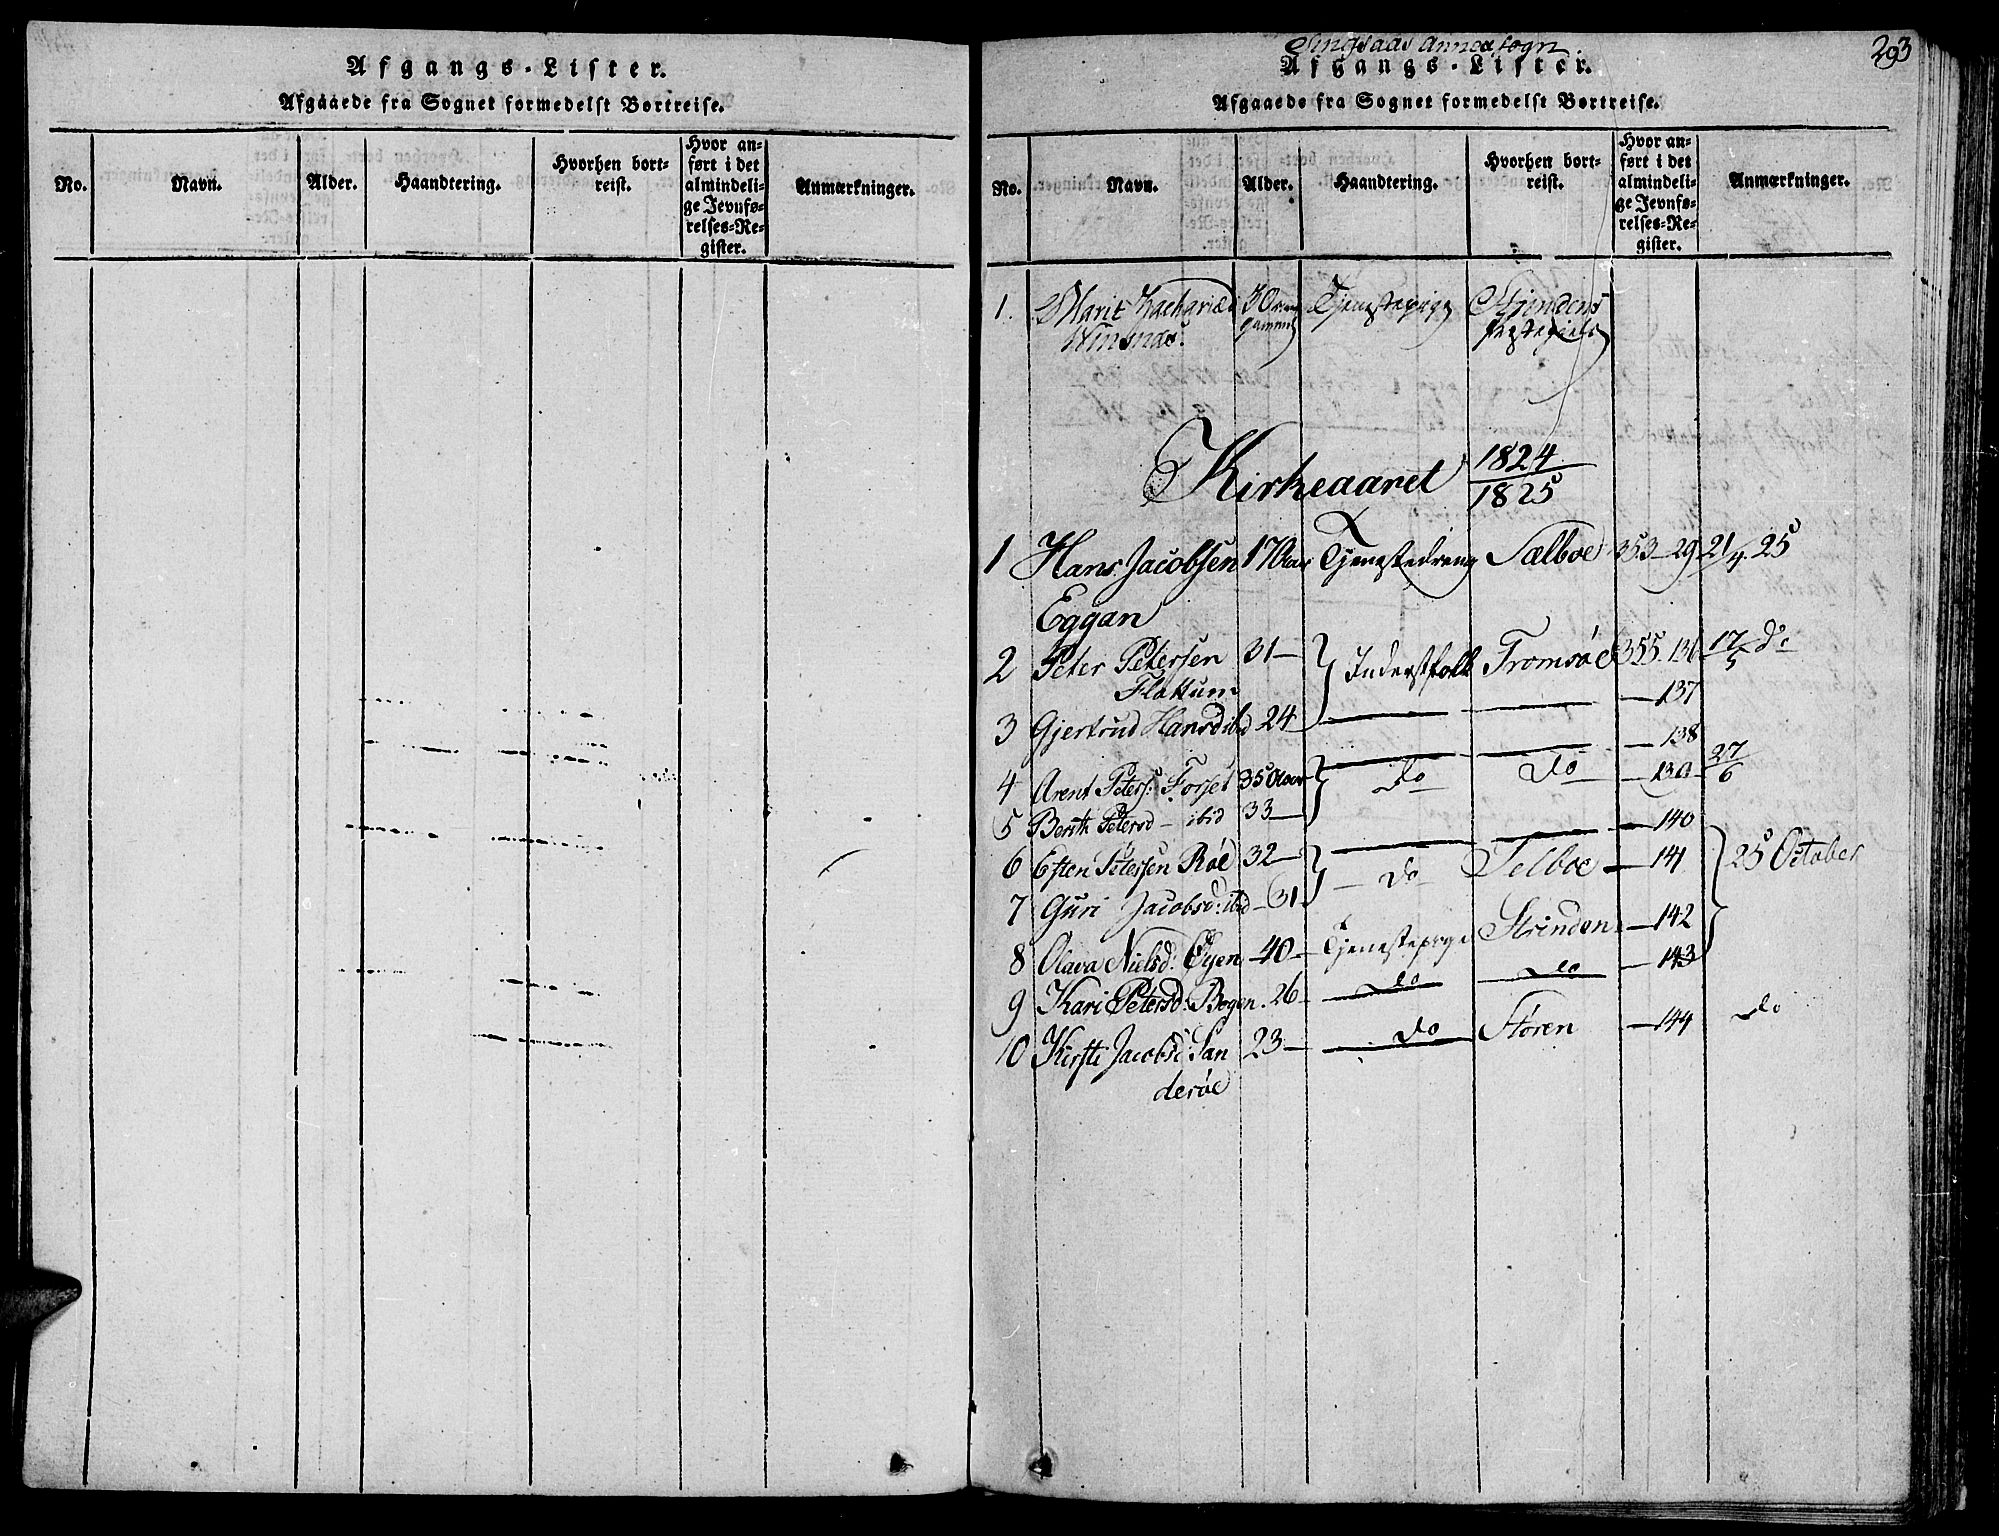 SAT, Ministerialprotokoller, klokkerbøker og fødselsregistre - Sør-Trøndelag, 685/L0955: Ministerialbok nr. 685A03 /2, 1817-1829, s. 293